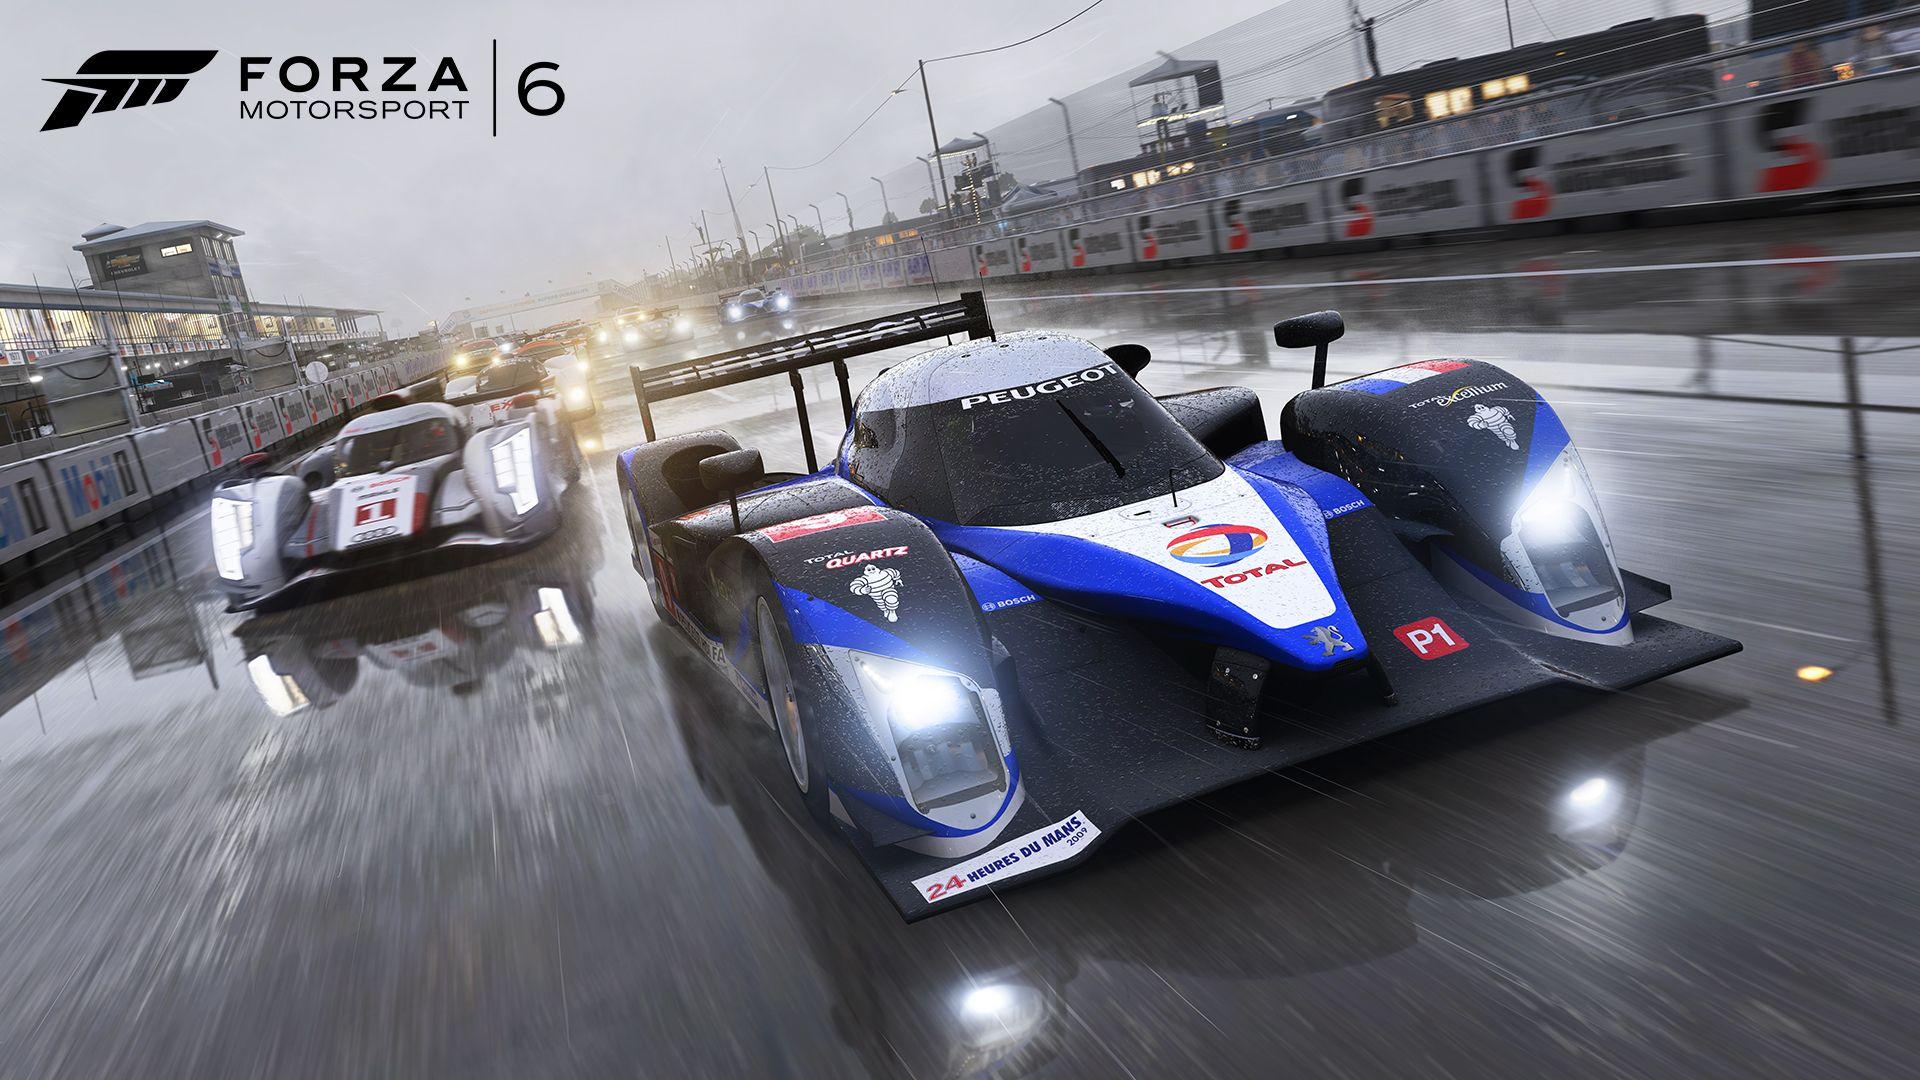 Detaily o tratích a autech ve Forza Motorsport 6 110359